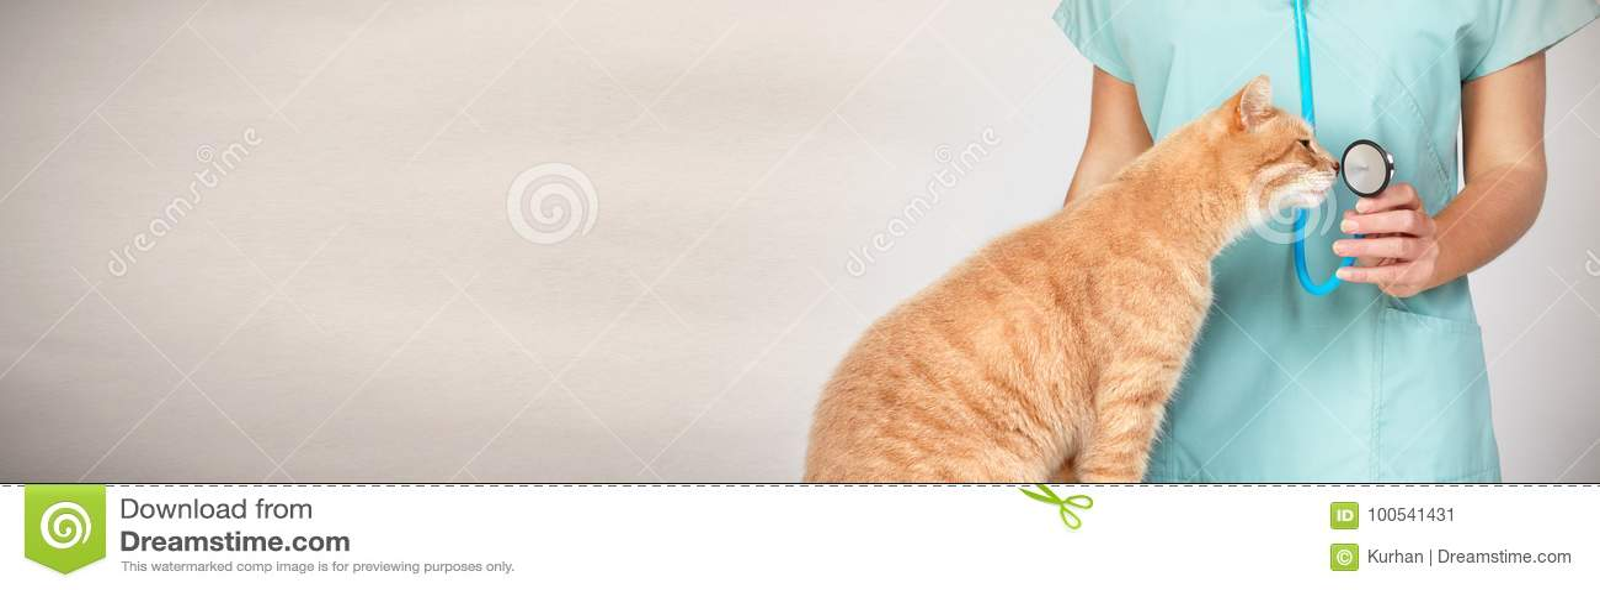 Doctor veterinario con el gato en clínica veterinaria